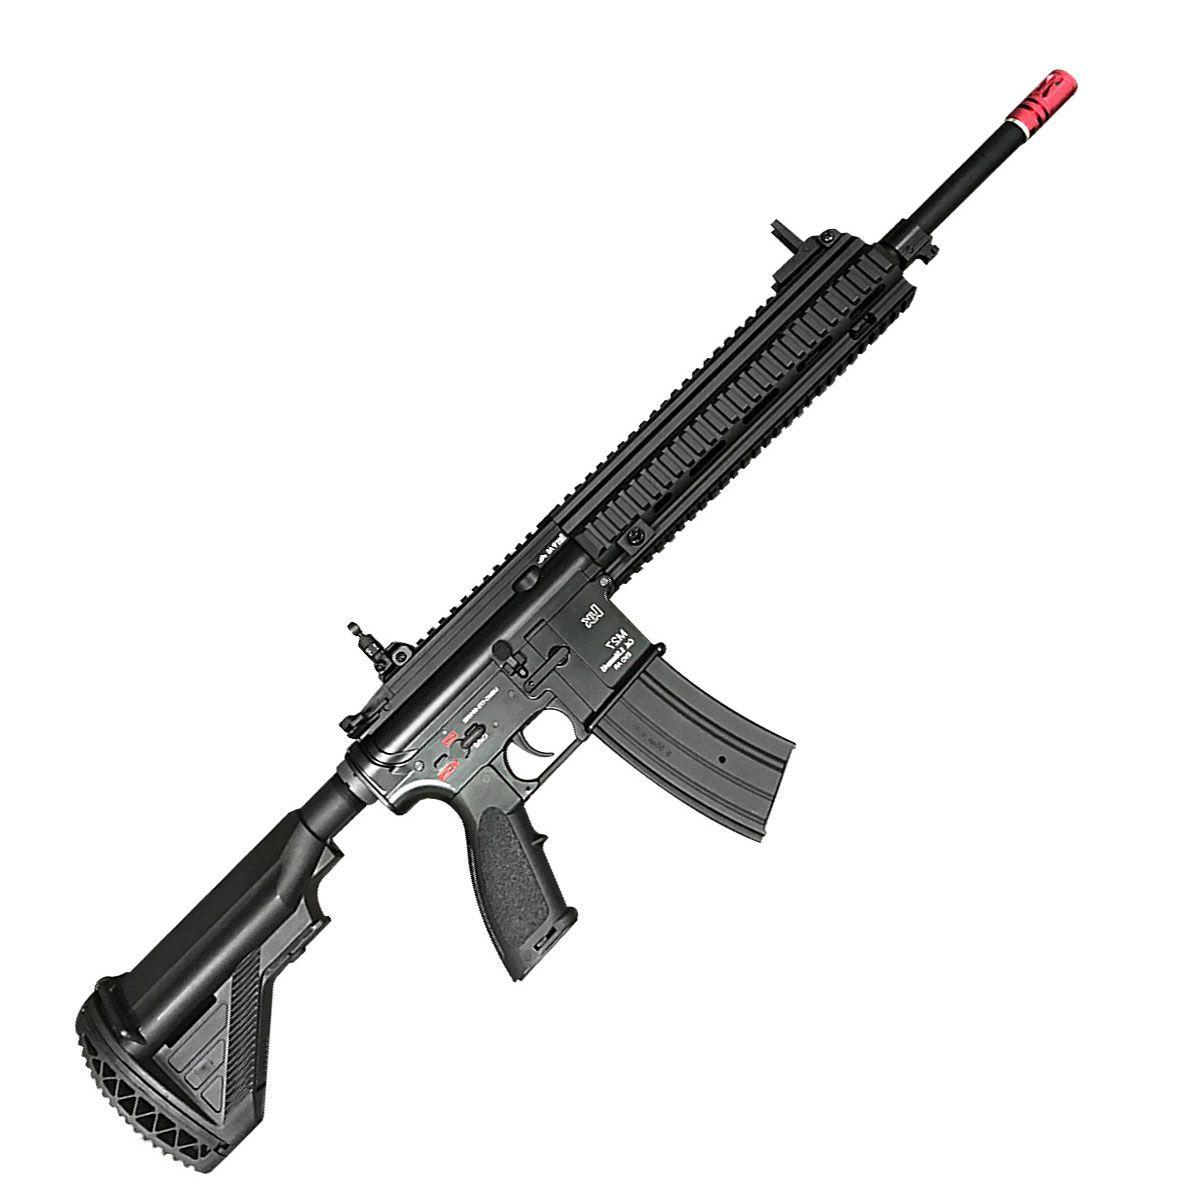 Rifle de Airsoft Evo HK416 M27 CQB Full Metal Elétrico 6mm